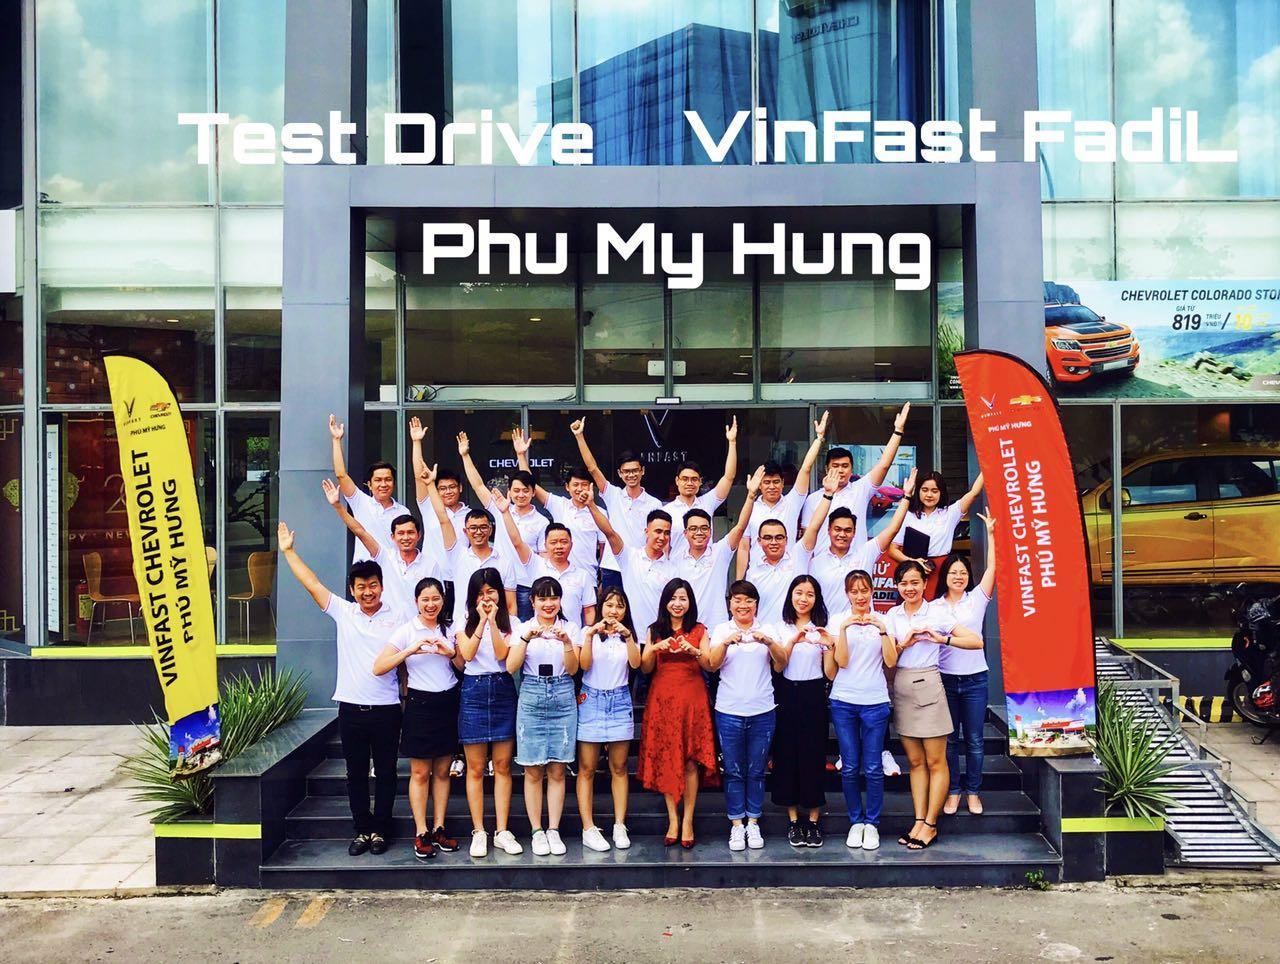 vinfast phu my hung (4)